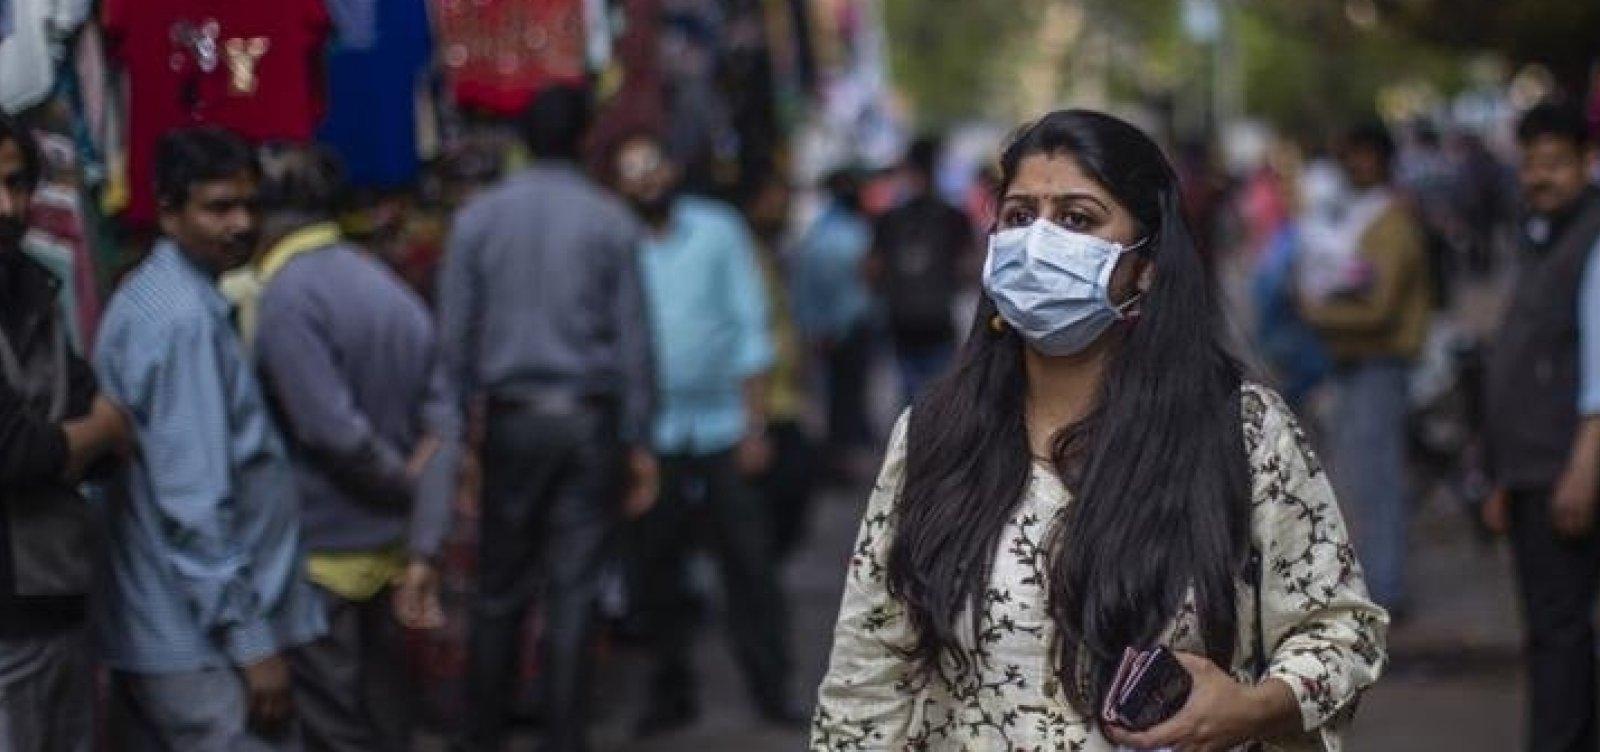 [Covid-19: Índia aprova teste em humanos de primeira vacina candidata do país]